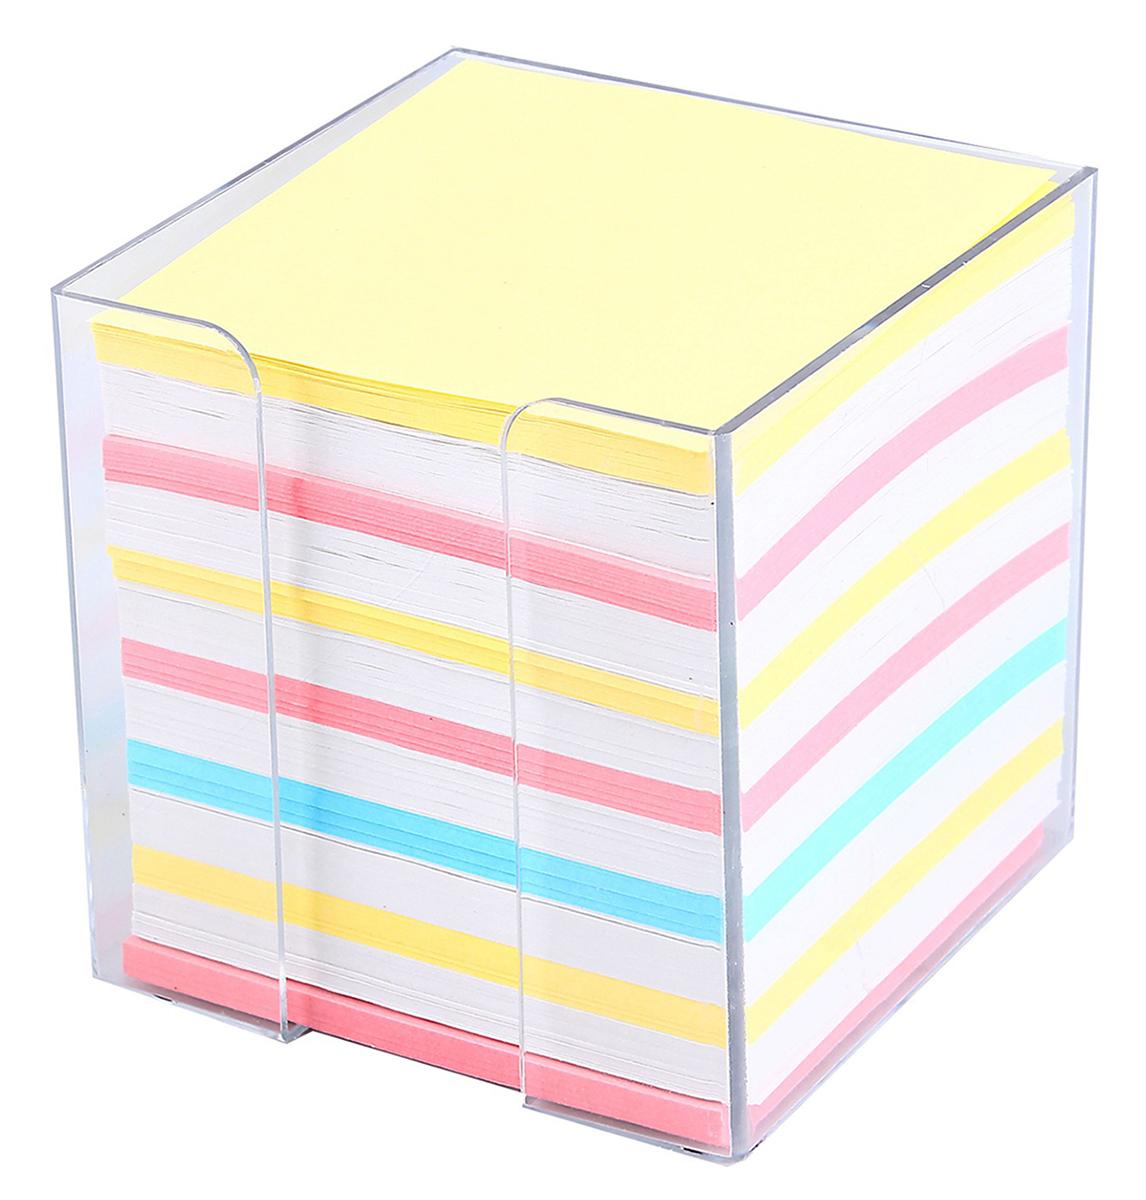 Стамм Блок для записей 9 x 9 см блок бумаги д записей np fg 0009